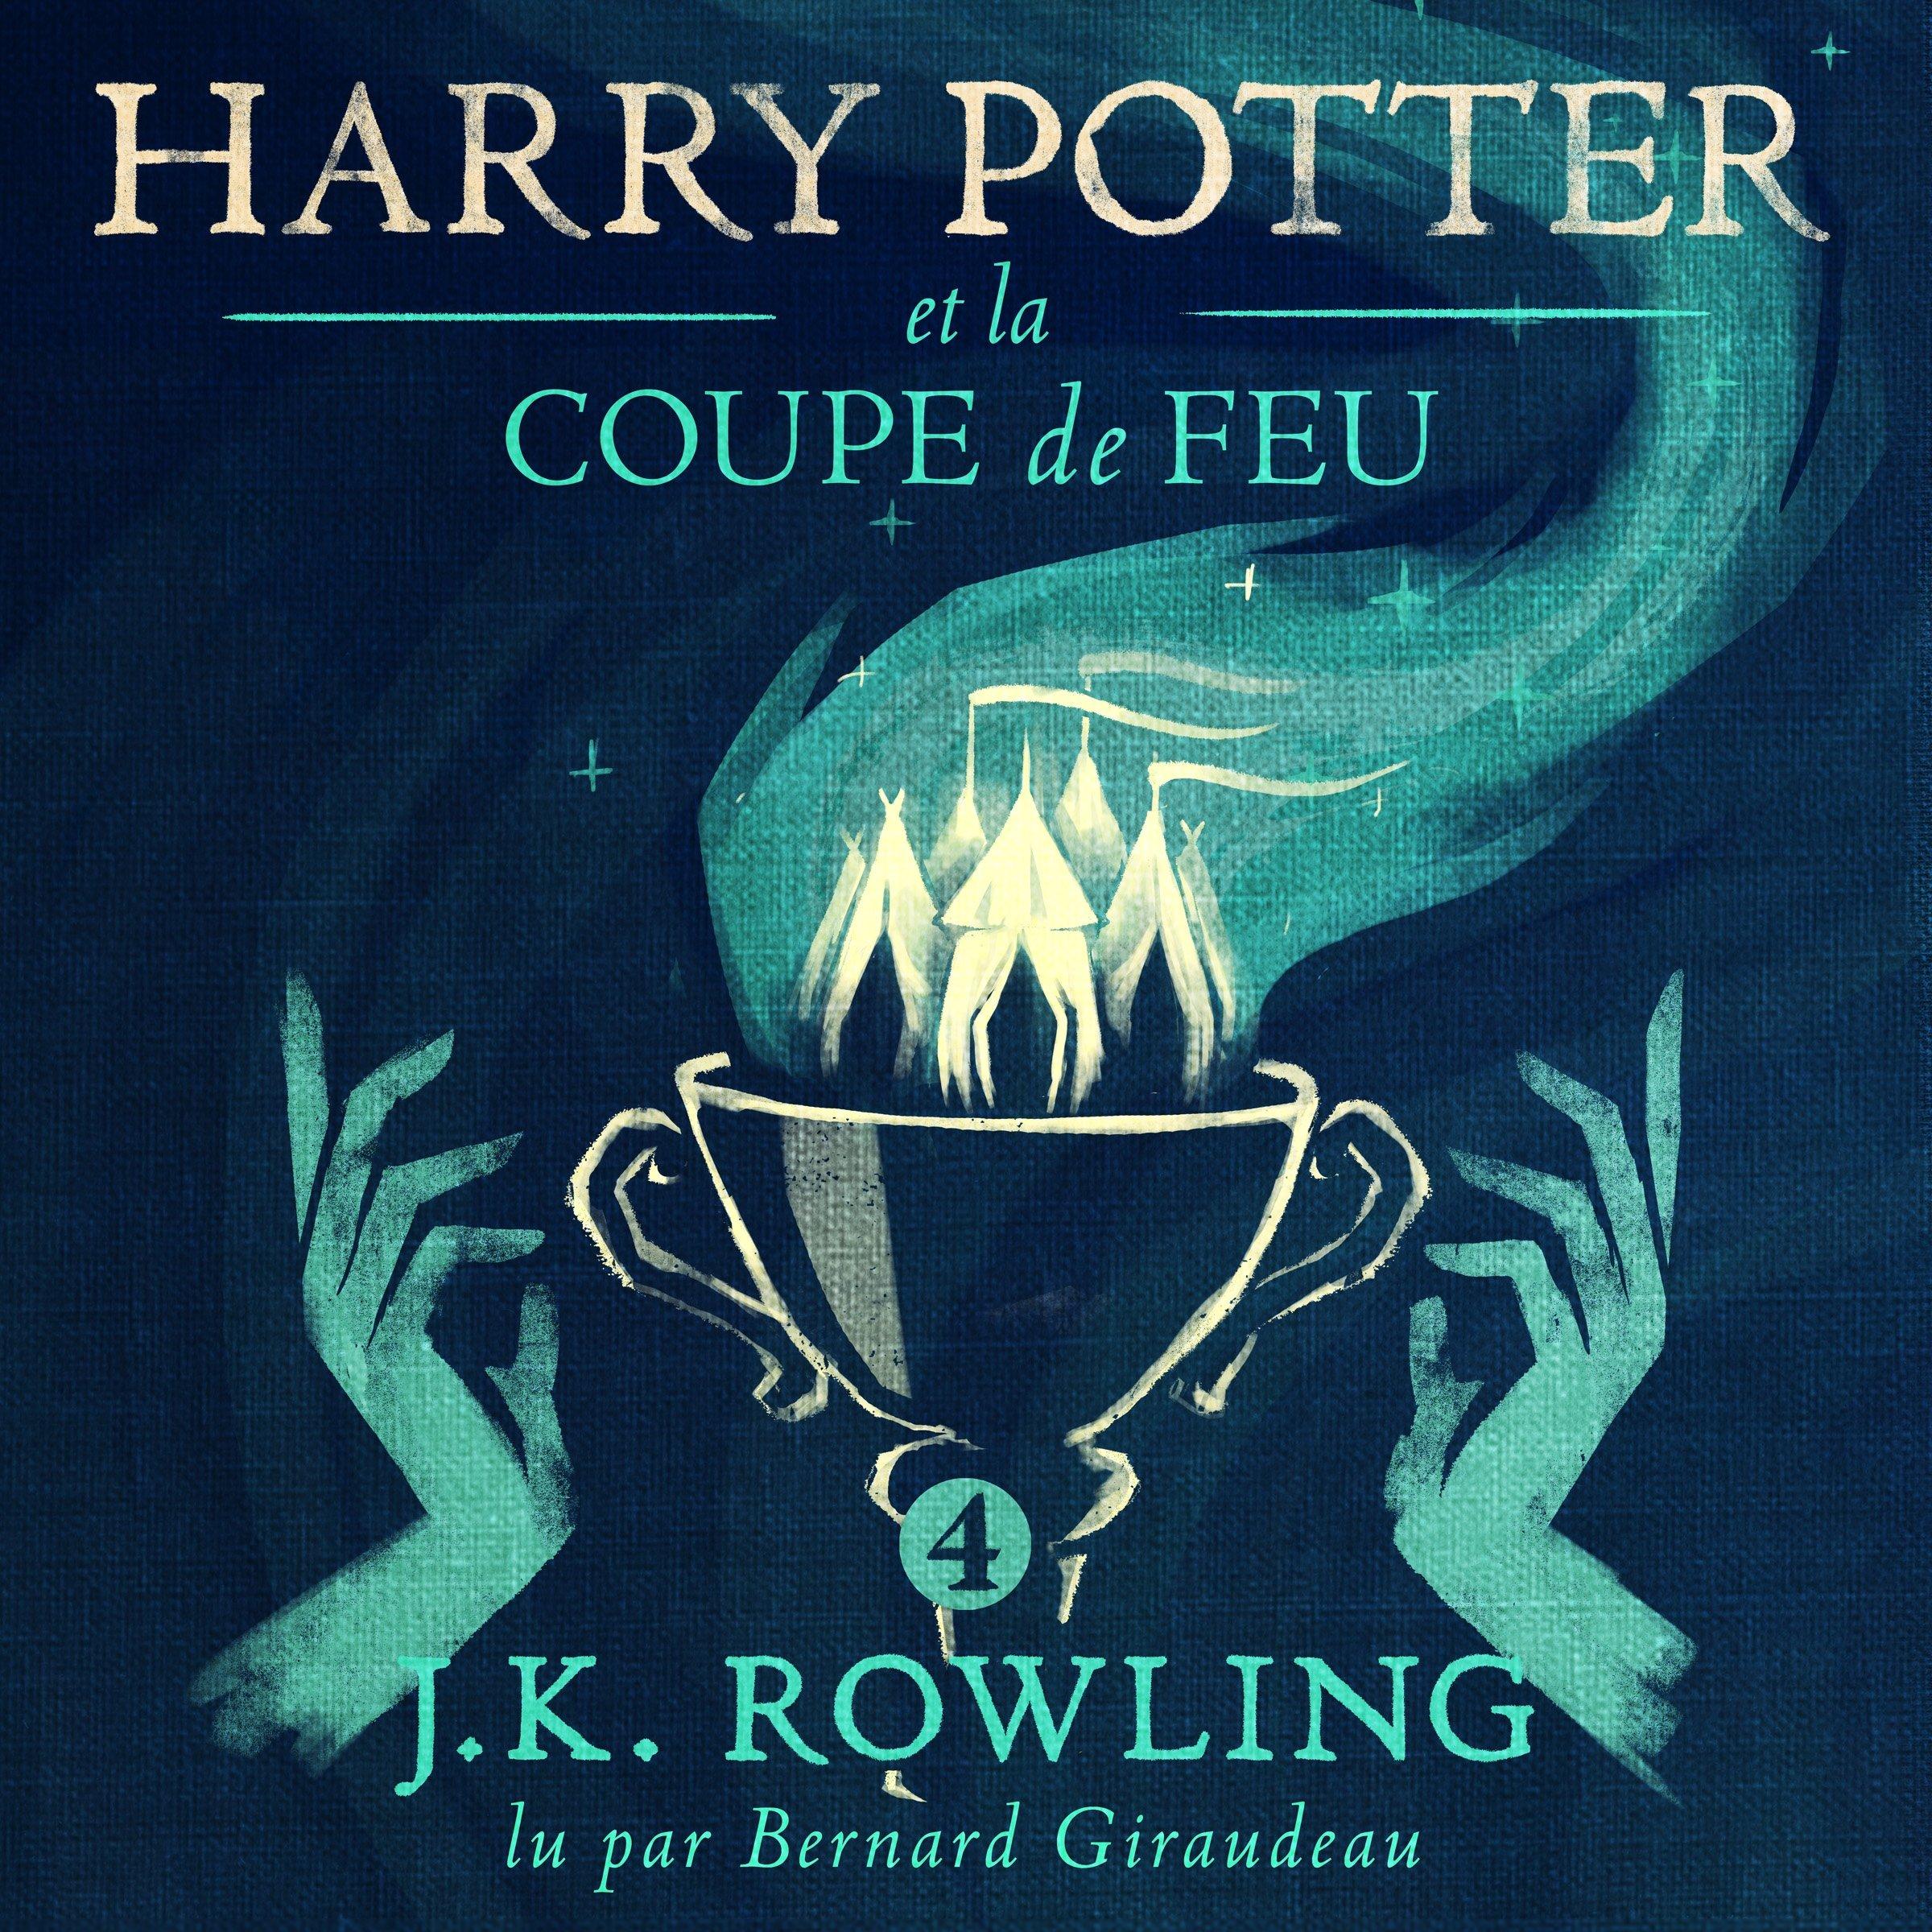 Harry Potter et la Coupe de Feu (Harry Potter 4) , de J.K. Rowling